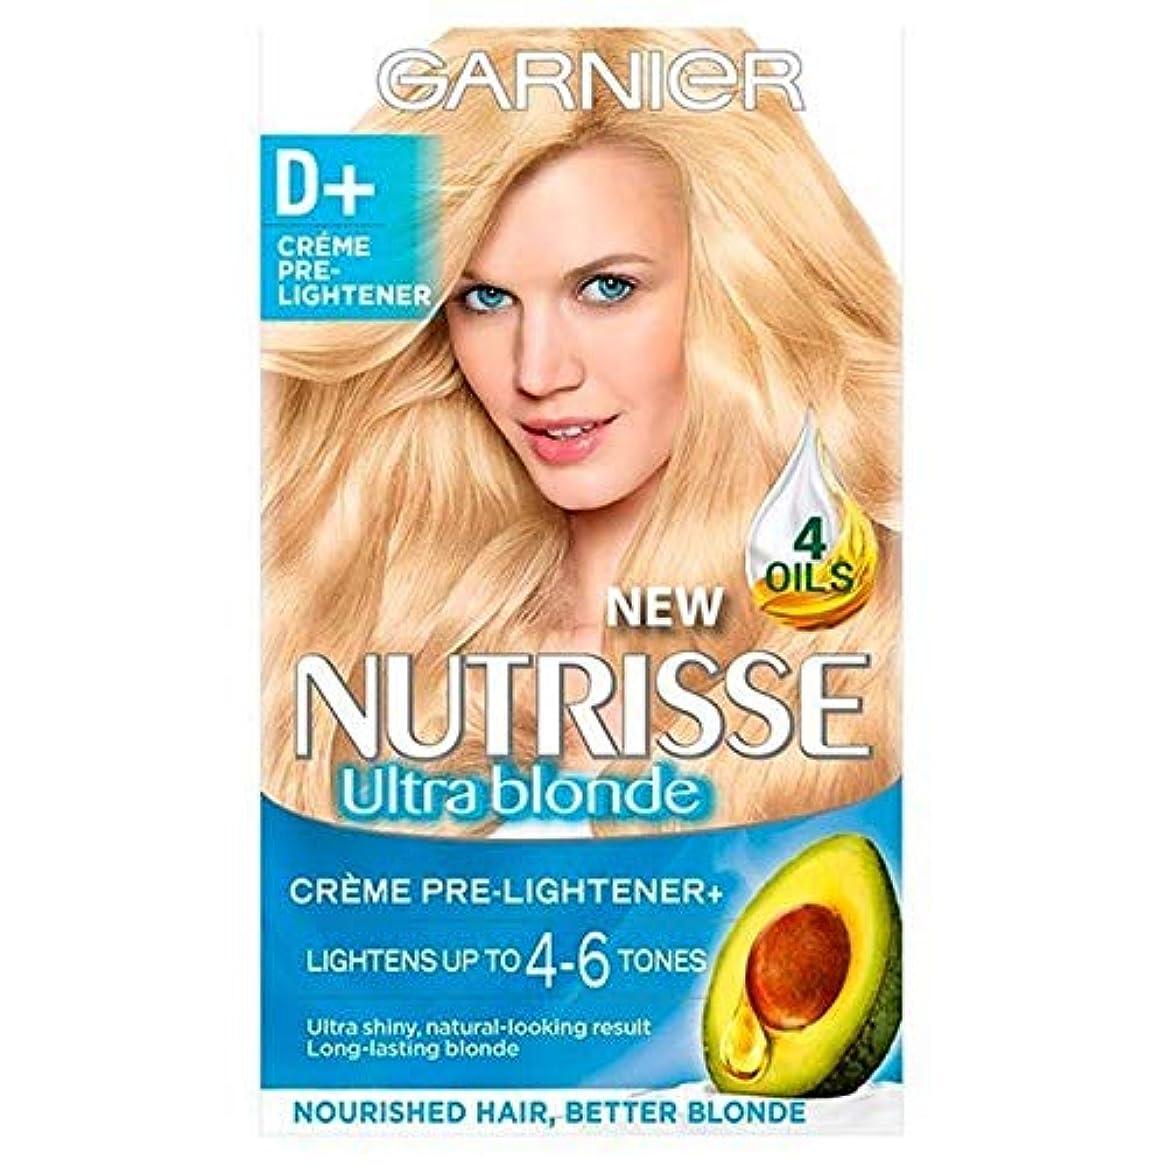 噂ジョージバーナード洋服[Garnier ] ガルニエのNutrisseさD +漂白前ライトナーパーマネントヘアダイ - Garnier Nutrisse D+ Bleach Pre-lightener Permanent Hair Dye [並行輸入品]